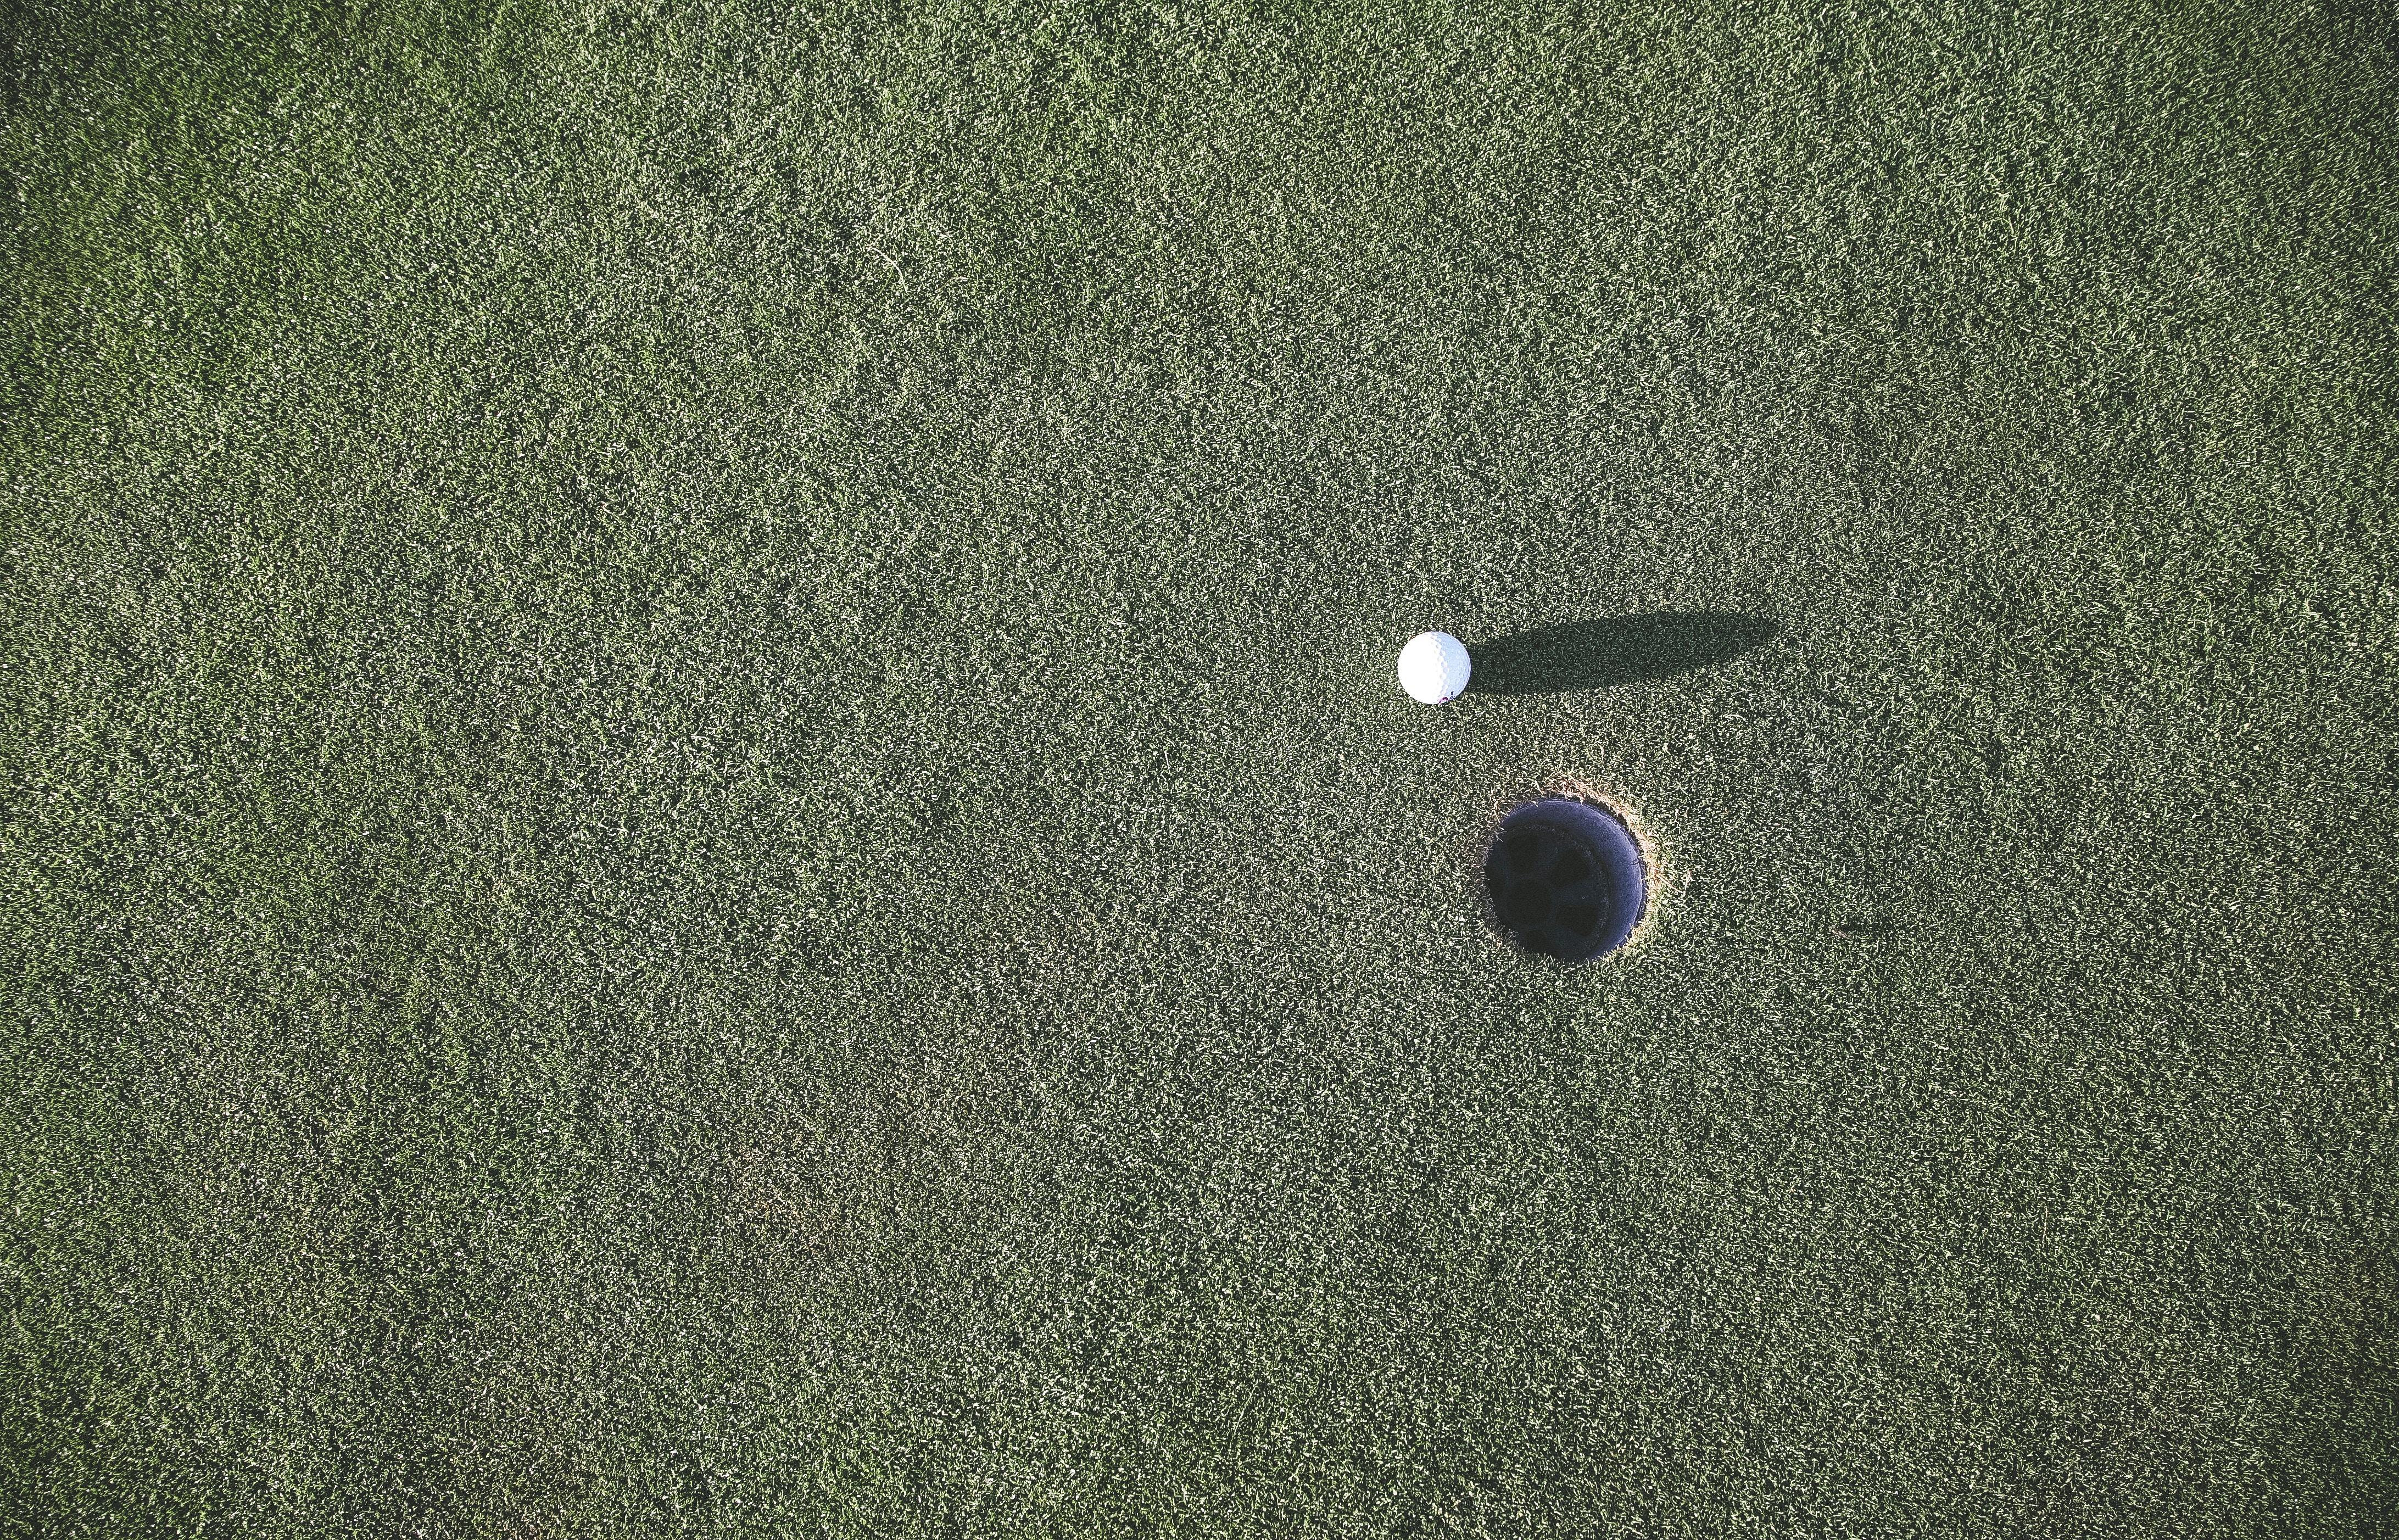 emploi sport golf